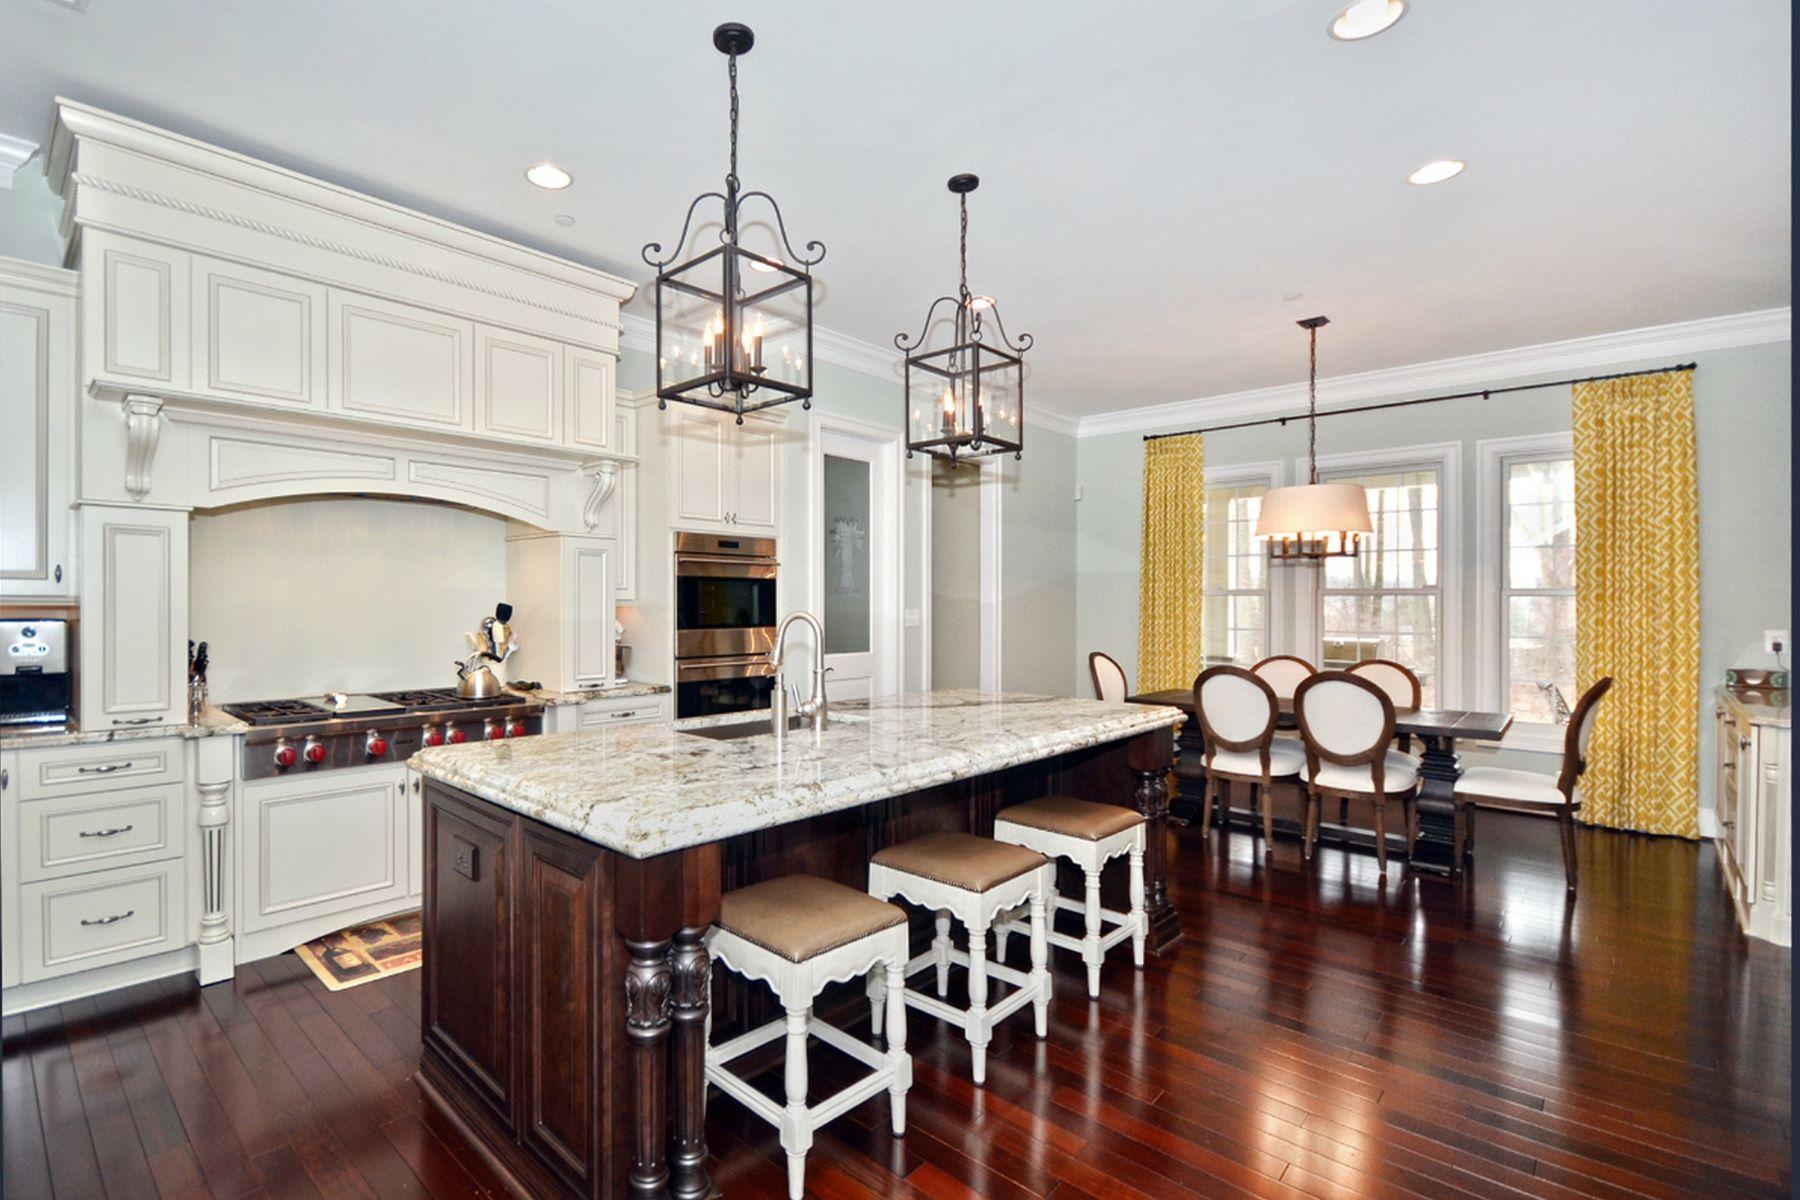 独户住宅 为 销售 在 Castanea Estates 1126 Castanea Court Lutherville, 马里兰州 21093 美国